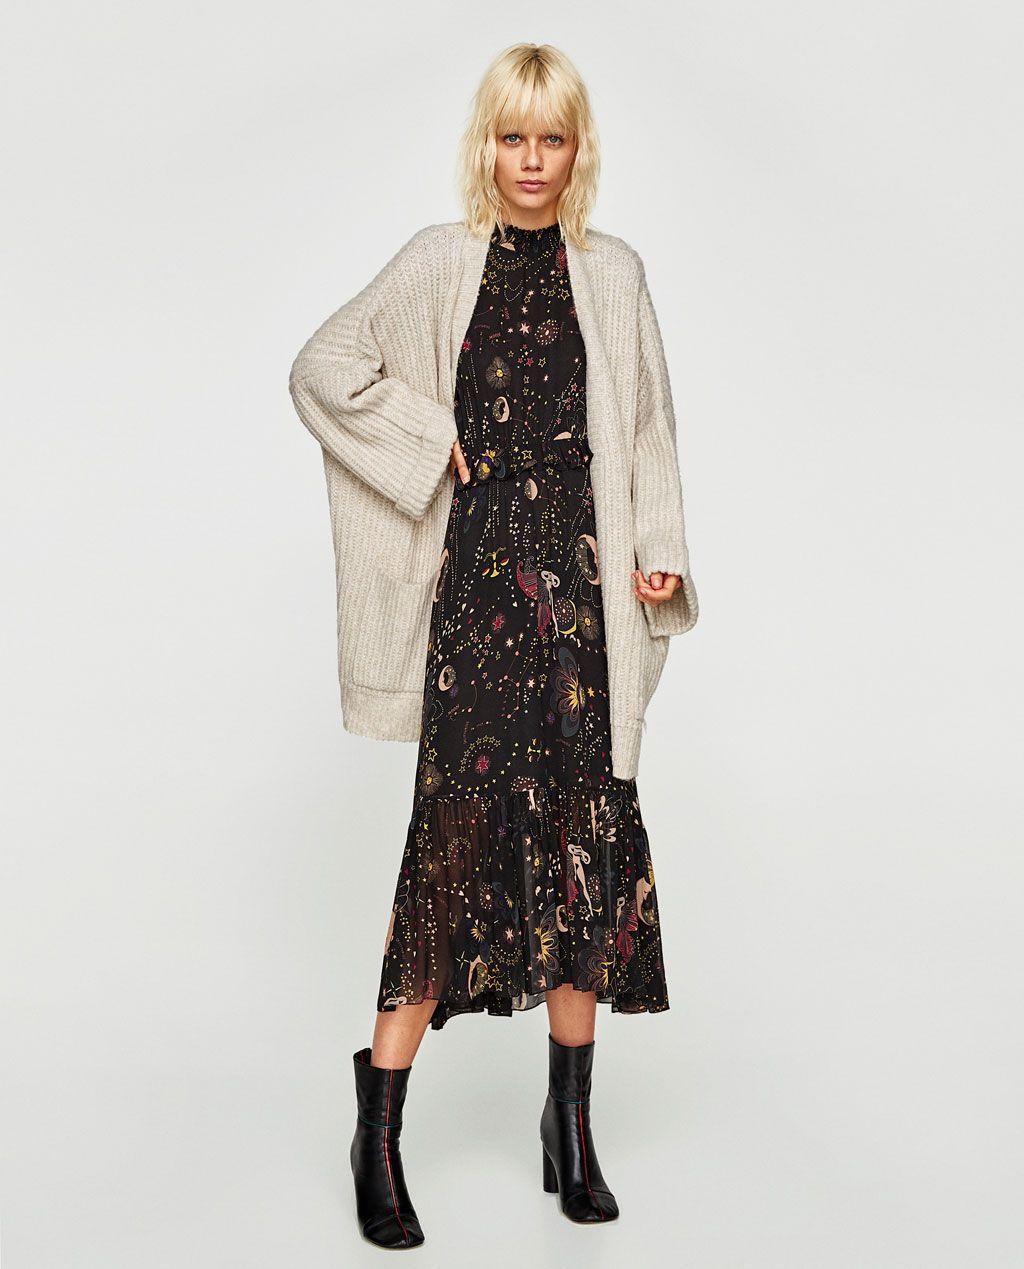 Zara 2019 İlkbahar Yaz Koleksiyonu